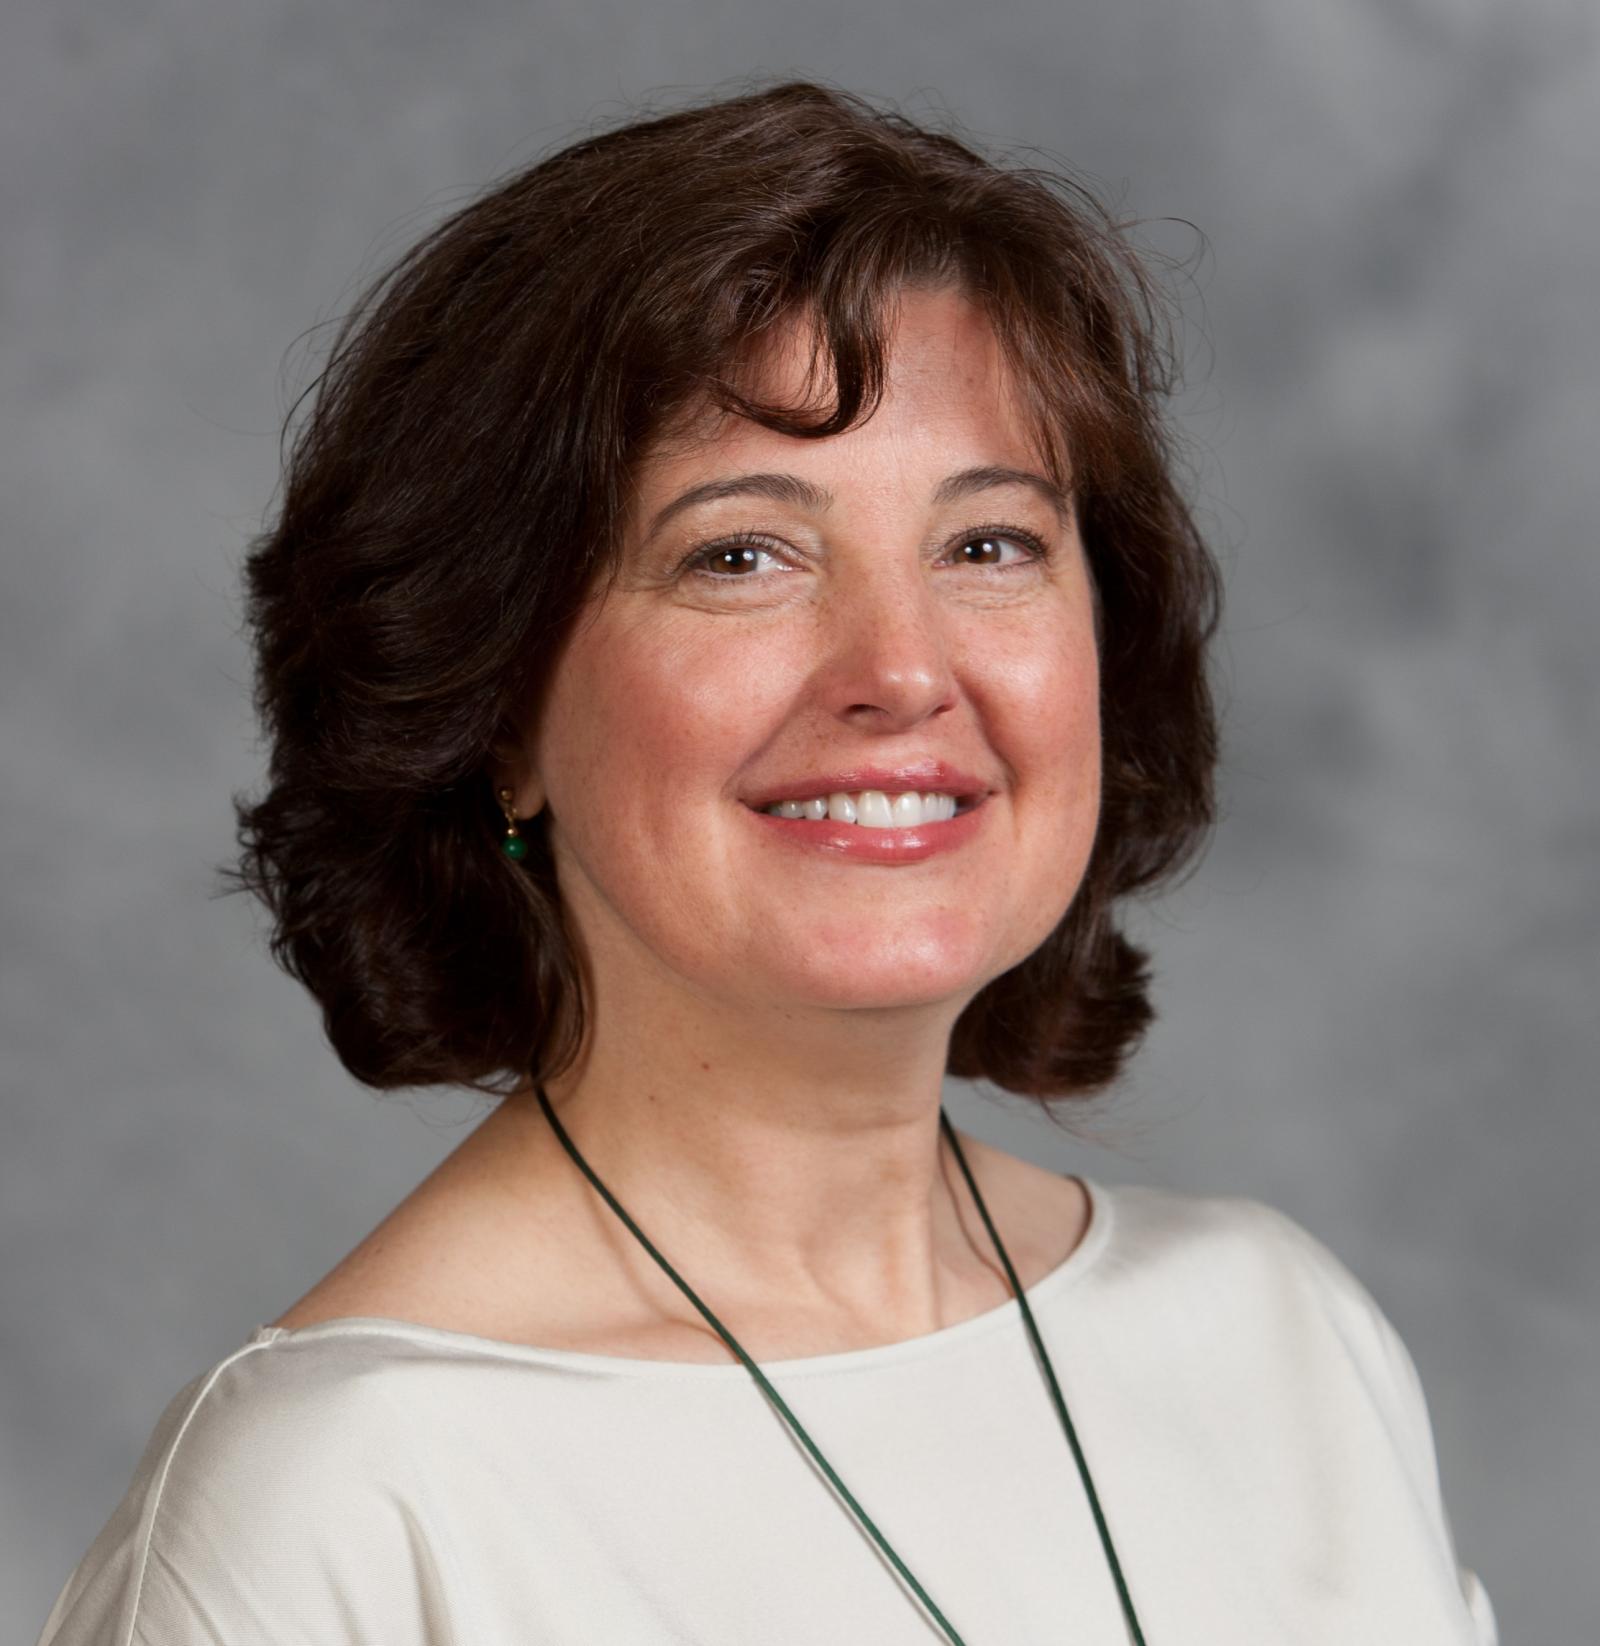 Lisa Gubaci